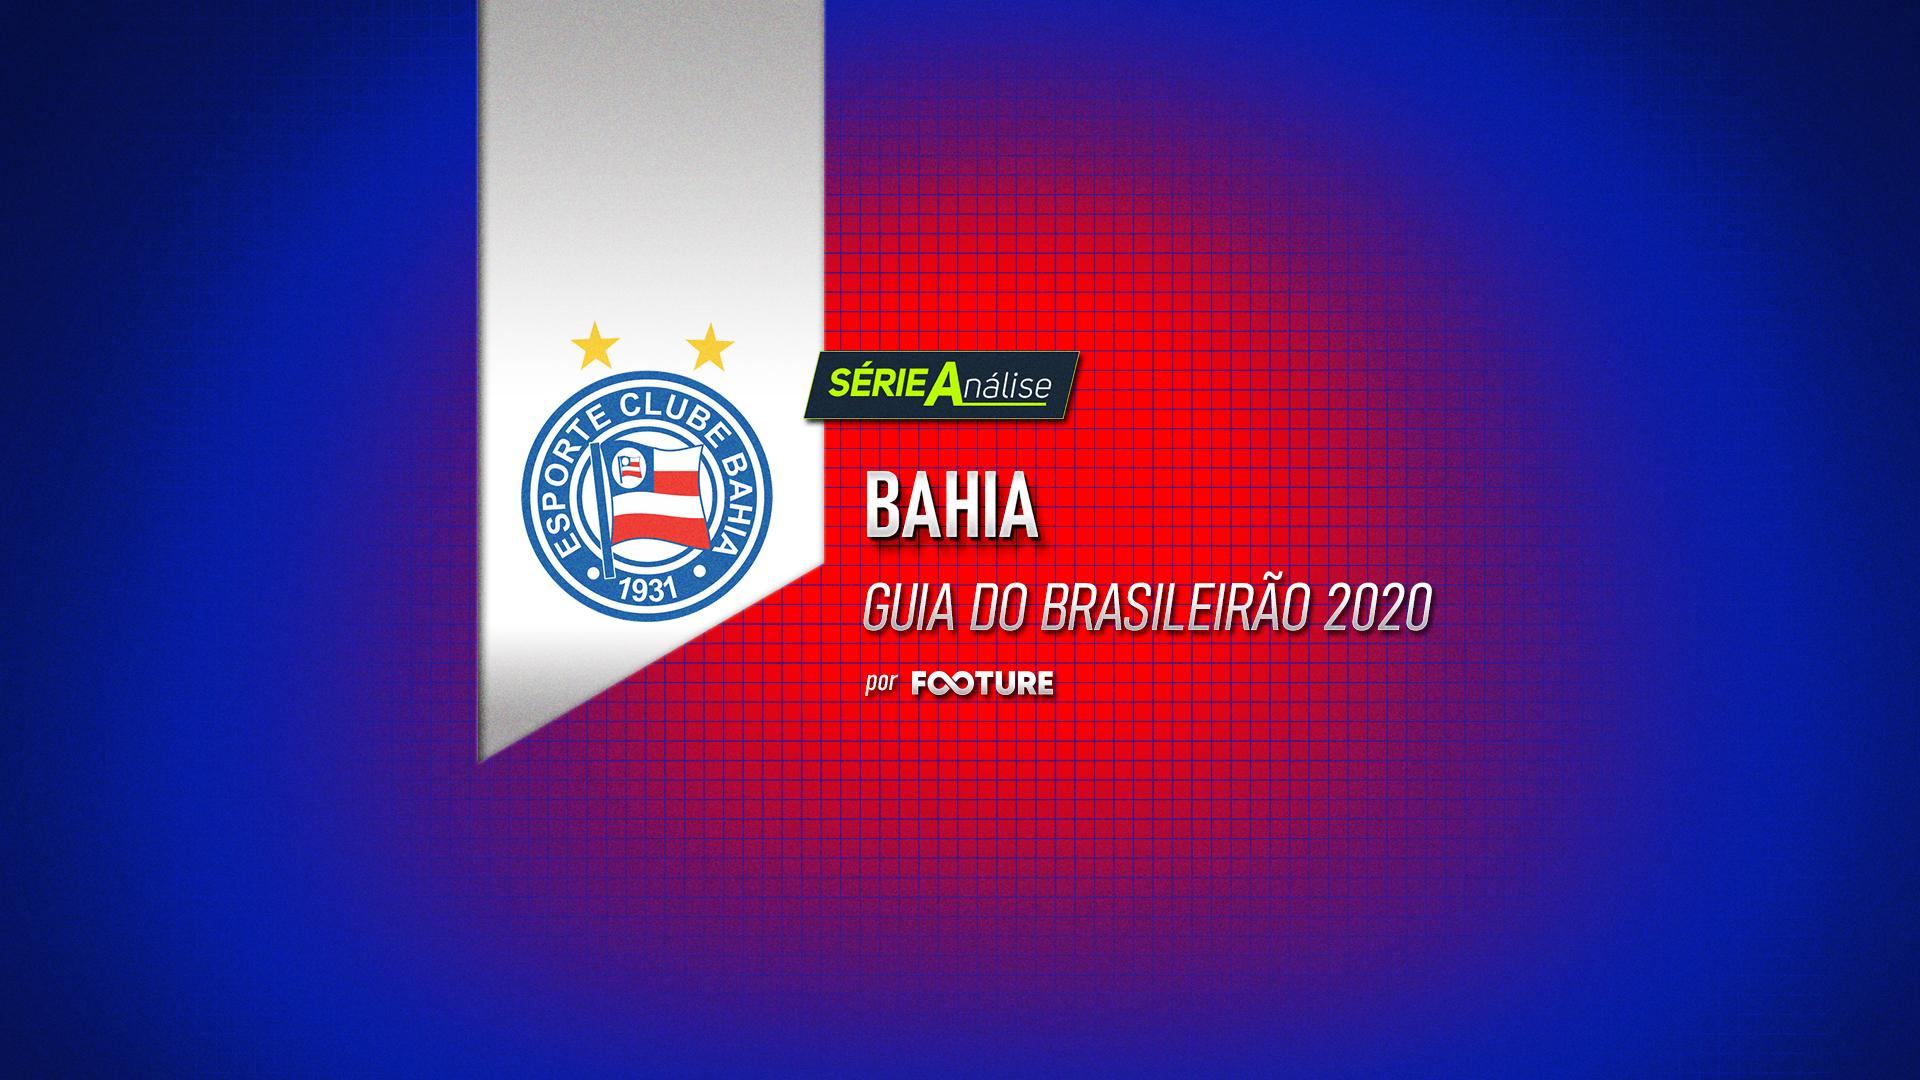 Guia do Brasileirão 2020 – Bahia